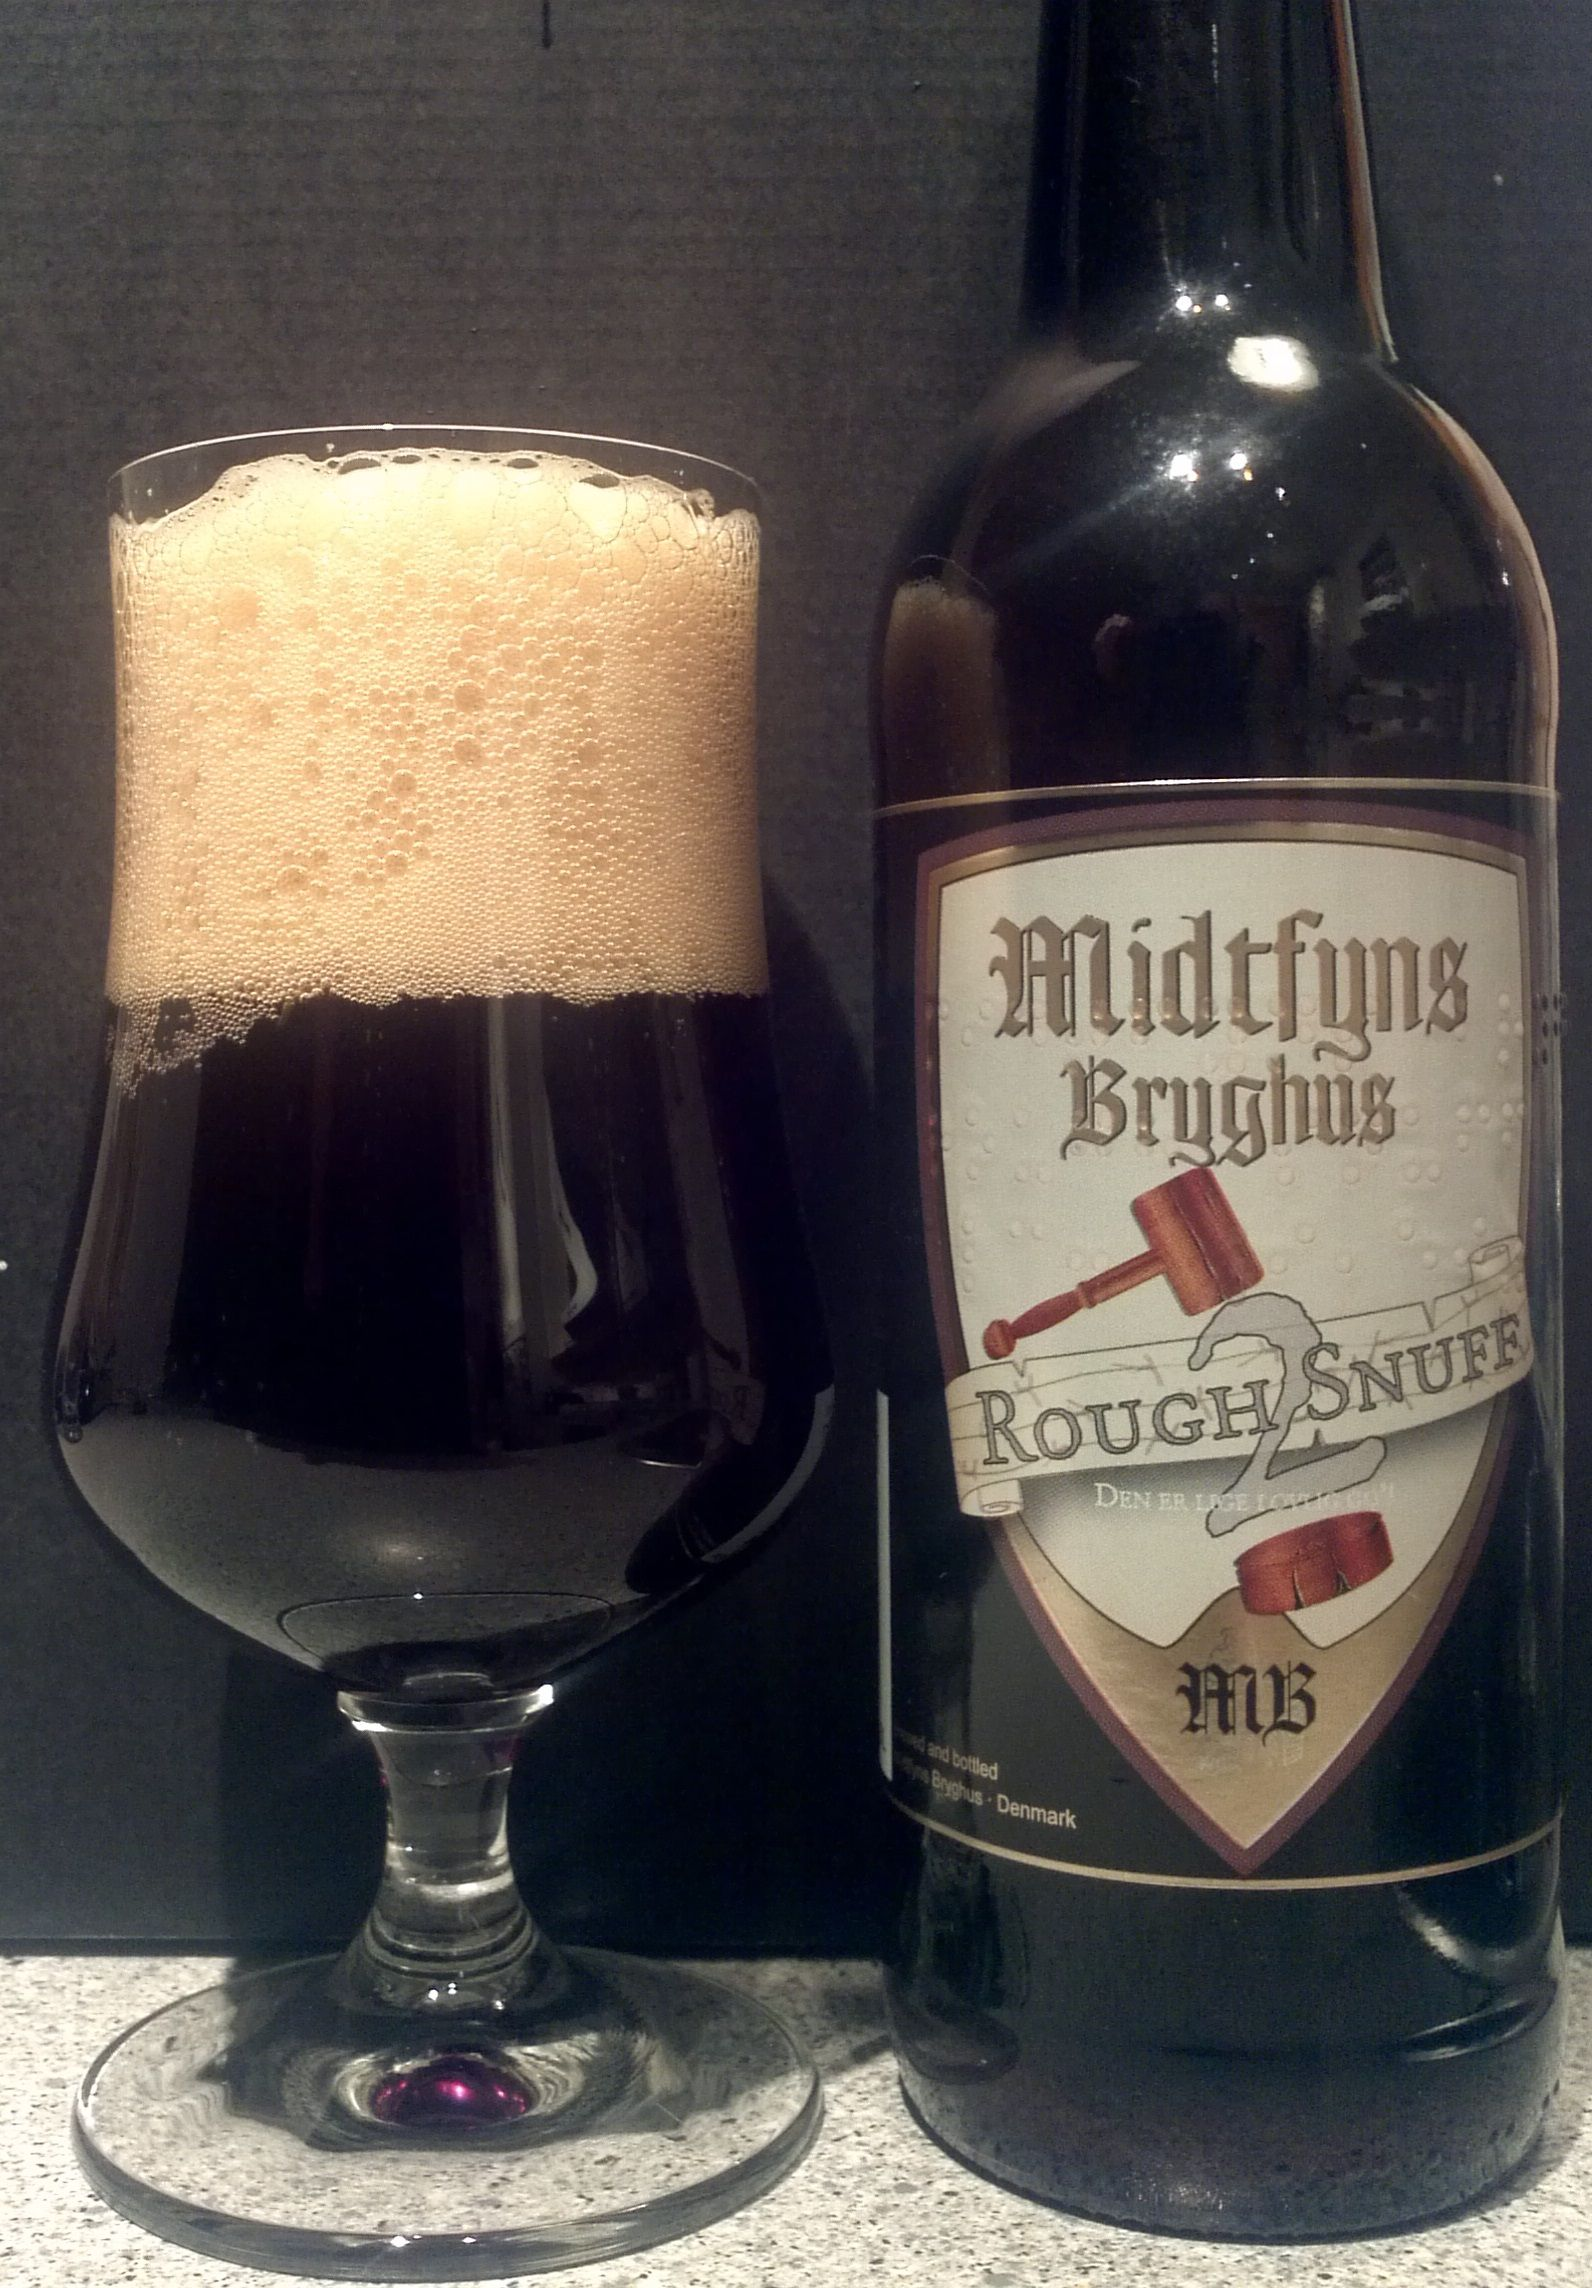 Rough Snuff 2 9,5 Midtfyns Bryghus 12-12 2015 22.11.14 | Breweriana y coleccionismo cervecero ...